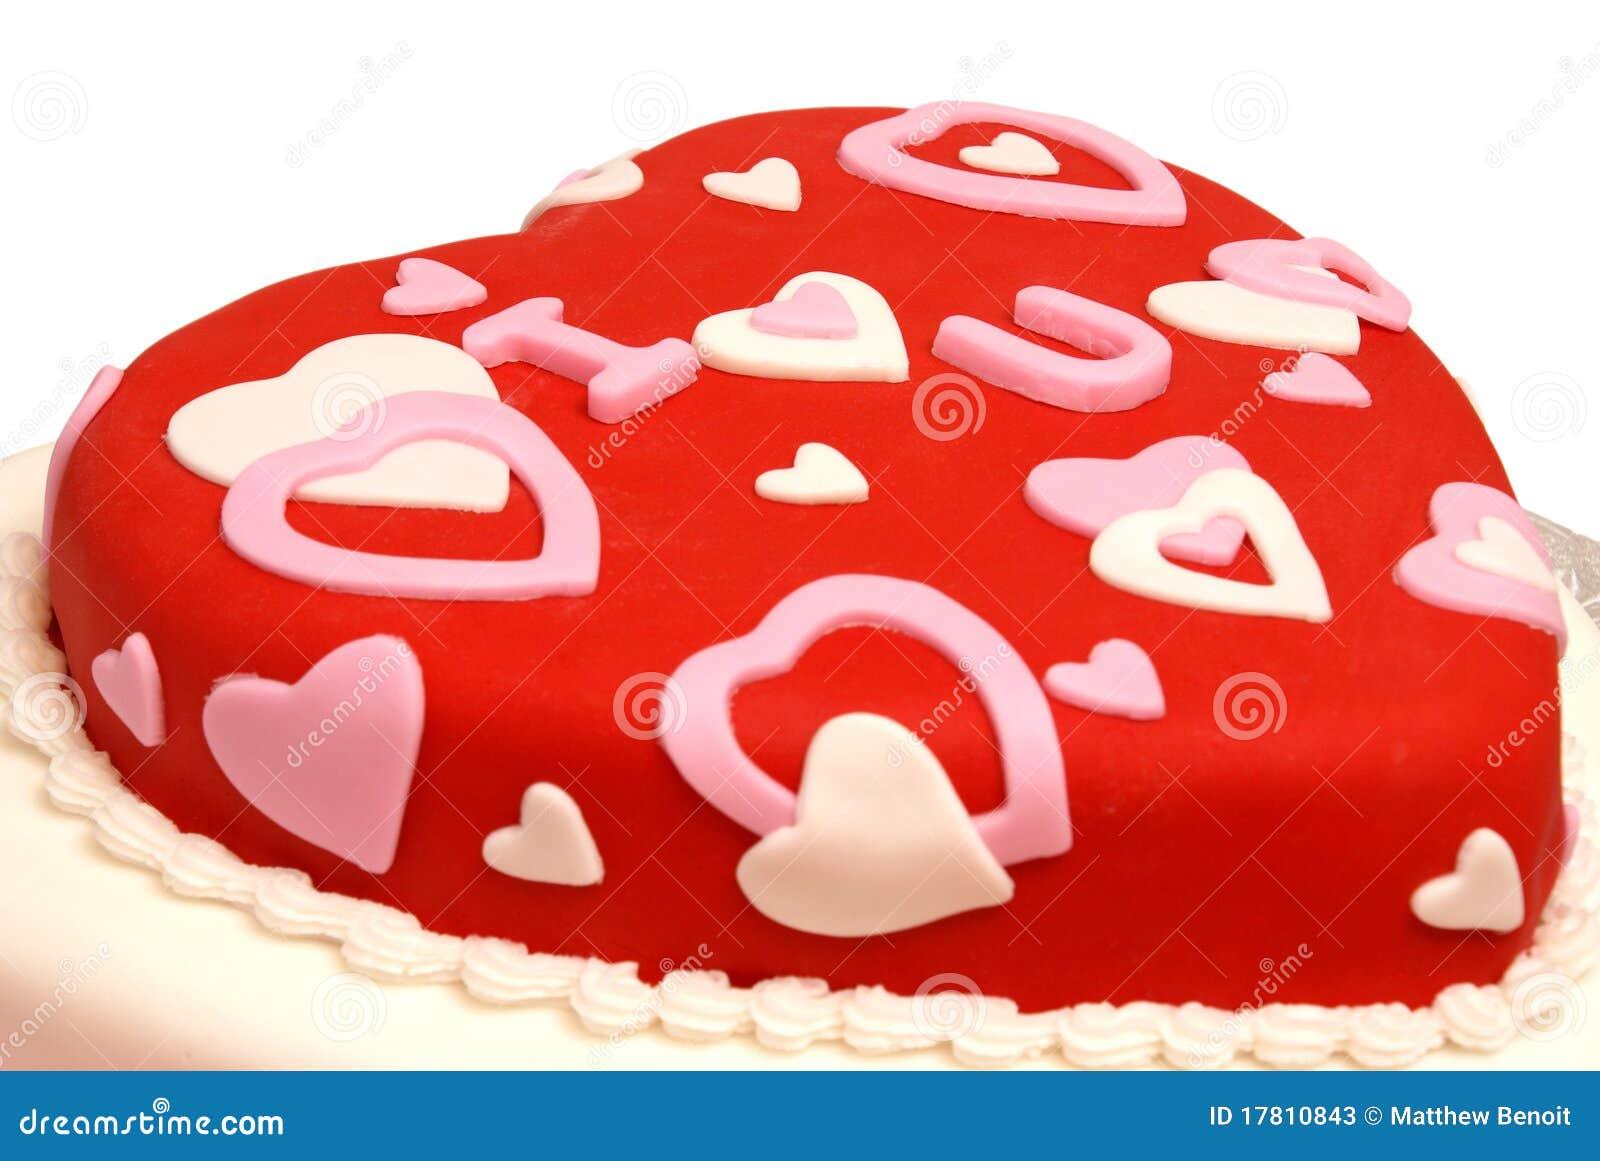 Torta A Forma Di Cuore Immagine Stock Immagine Di Shaped 17810843